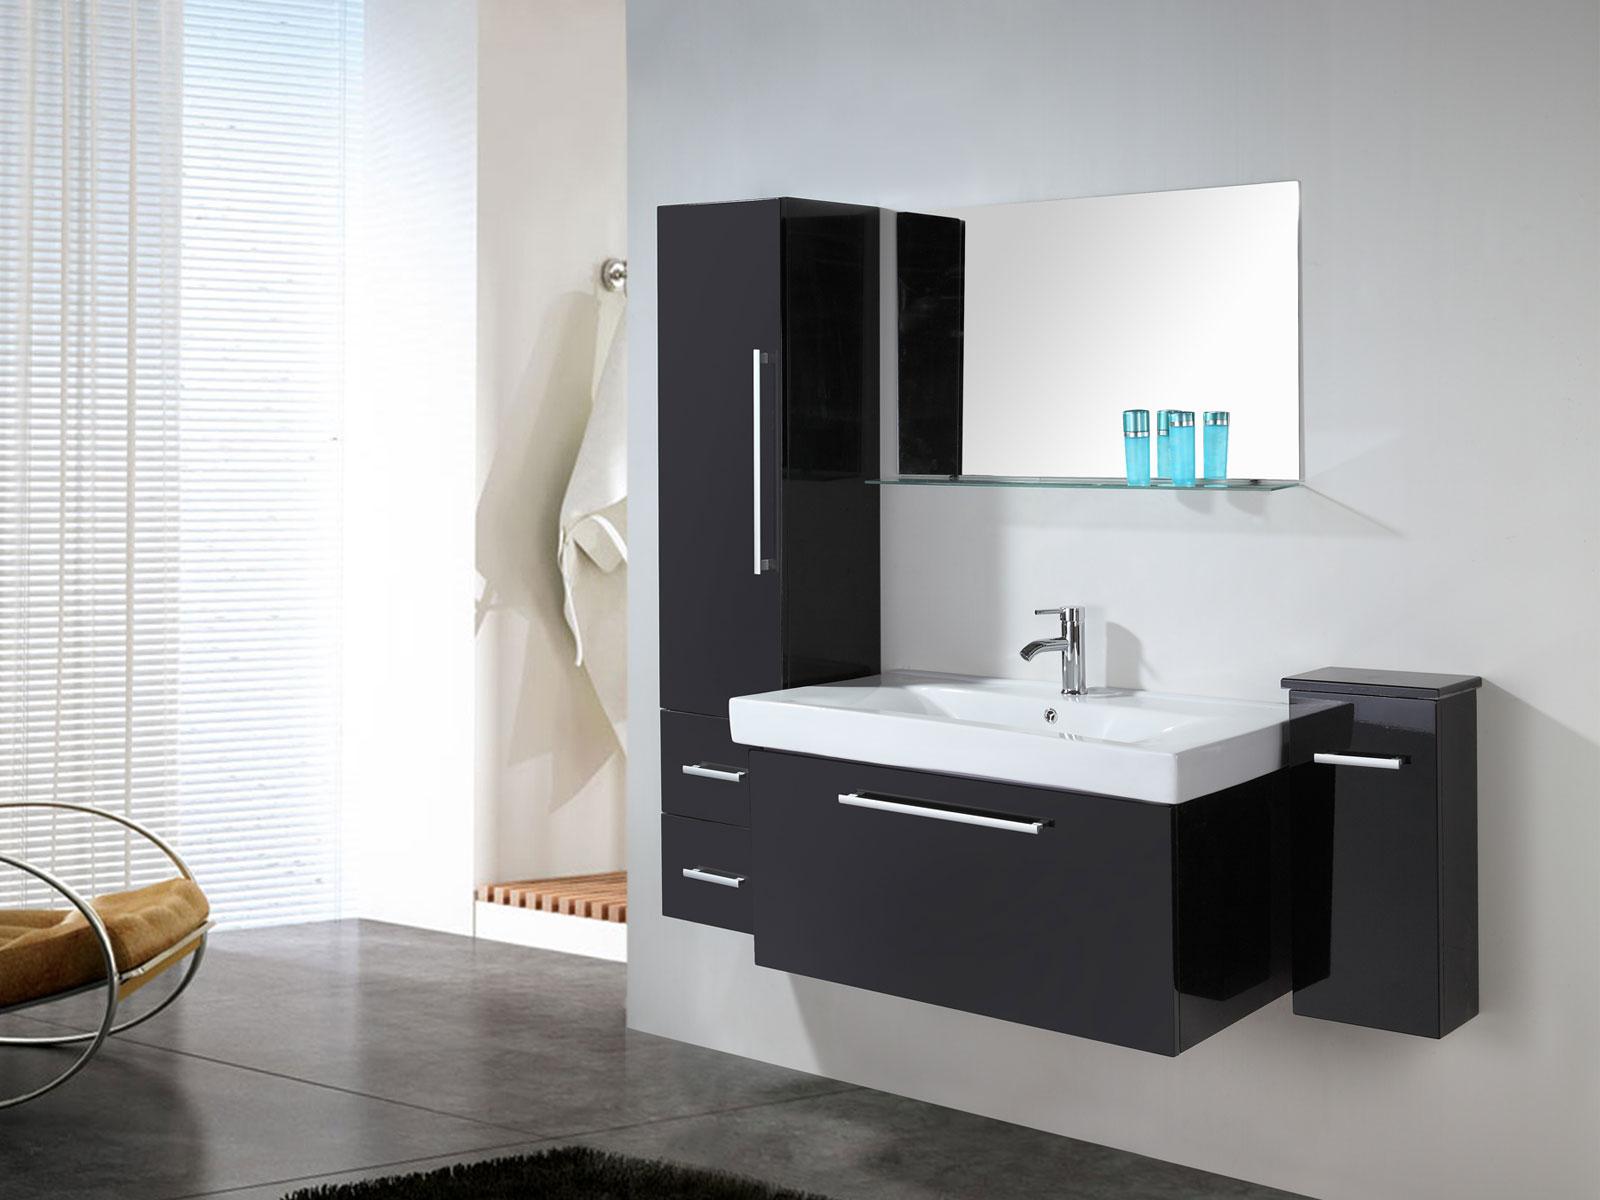 Mobile arredo bagno arredobagno london 100 cm rubinetteria lavabo 2 colonne ebay for Immagini arredamento